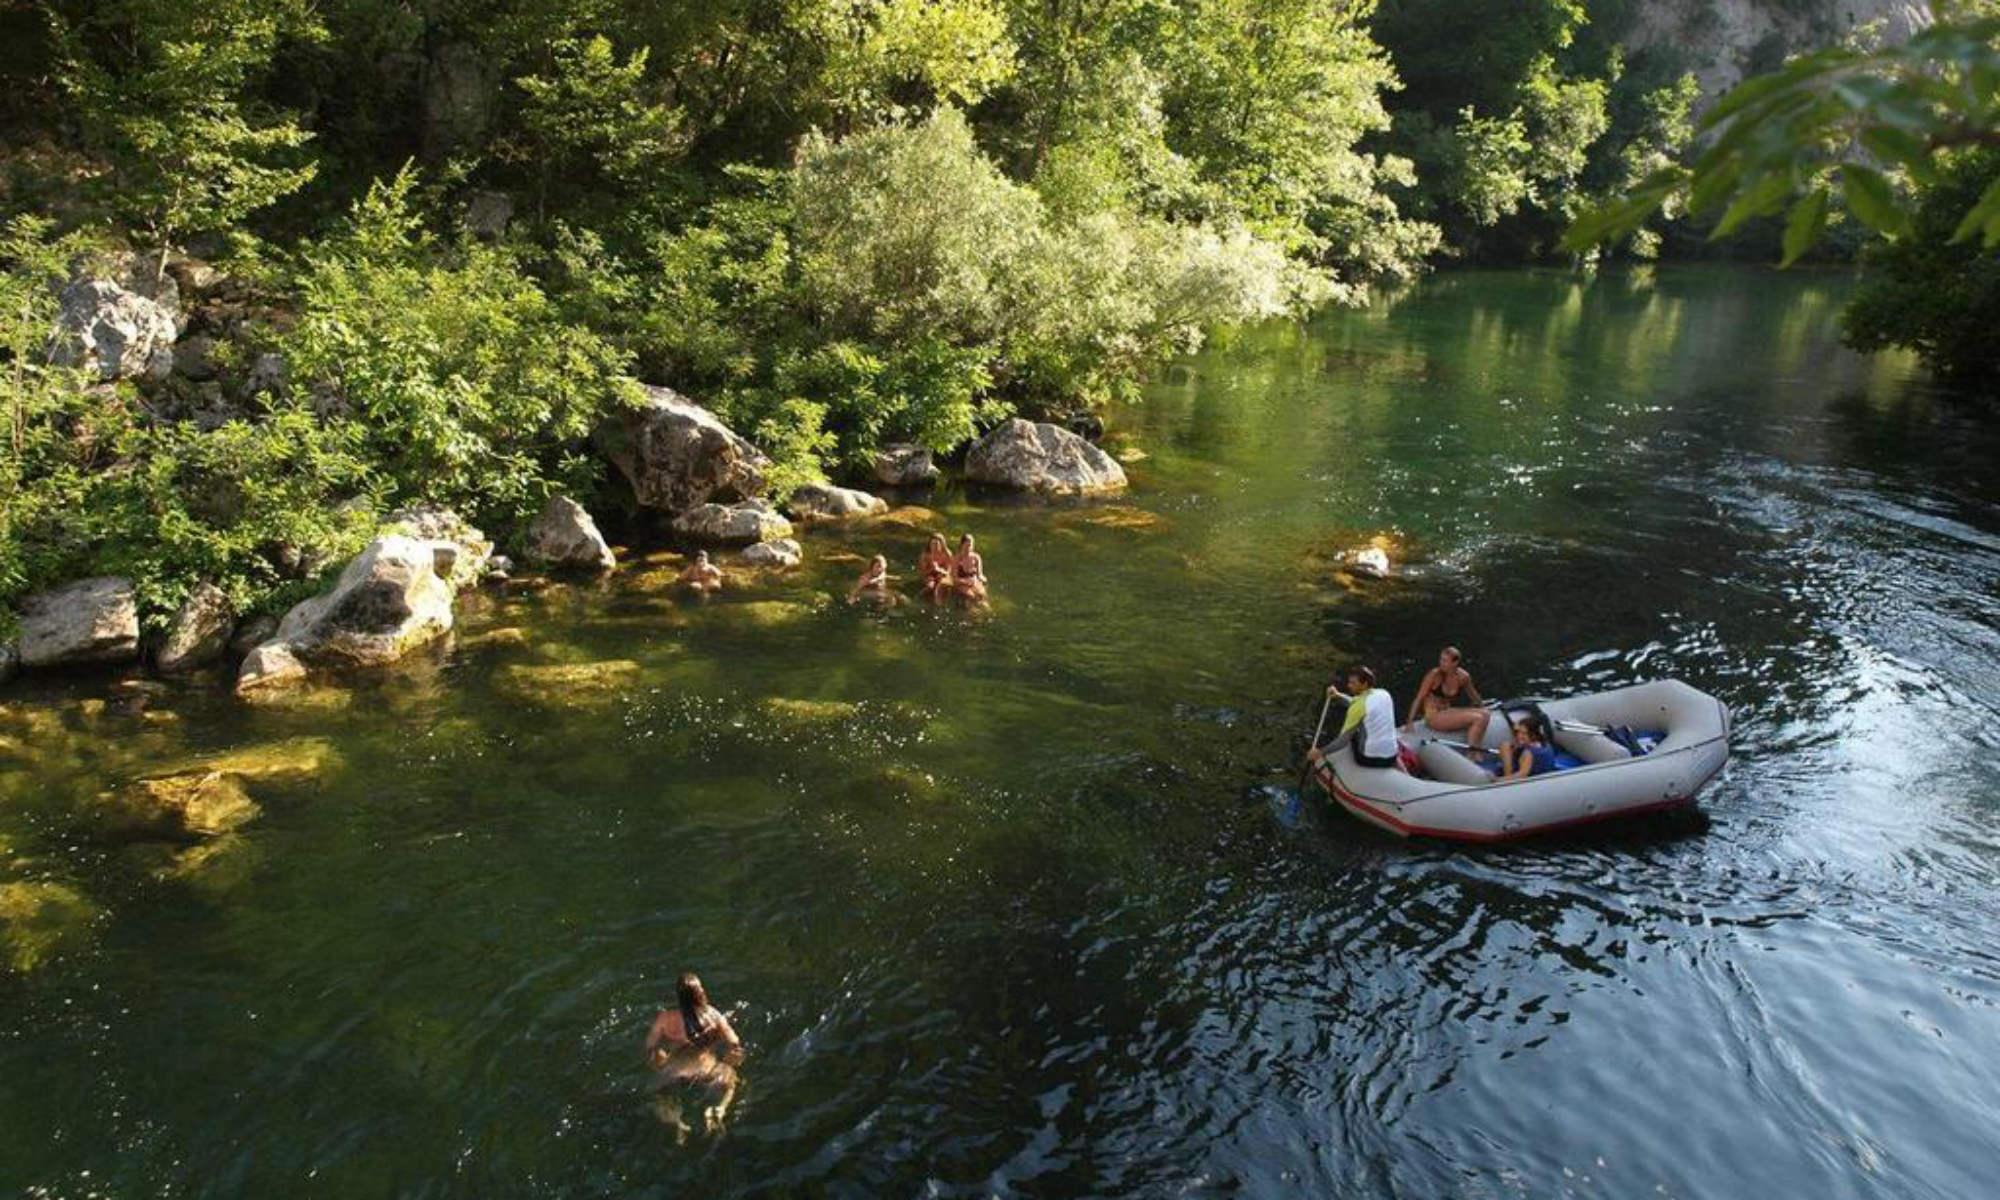 Eine Gruppe von Personen kühlt sich während einer Rafting Tour im Fluss Cetina ab.